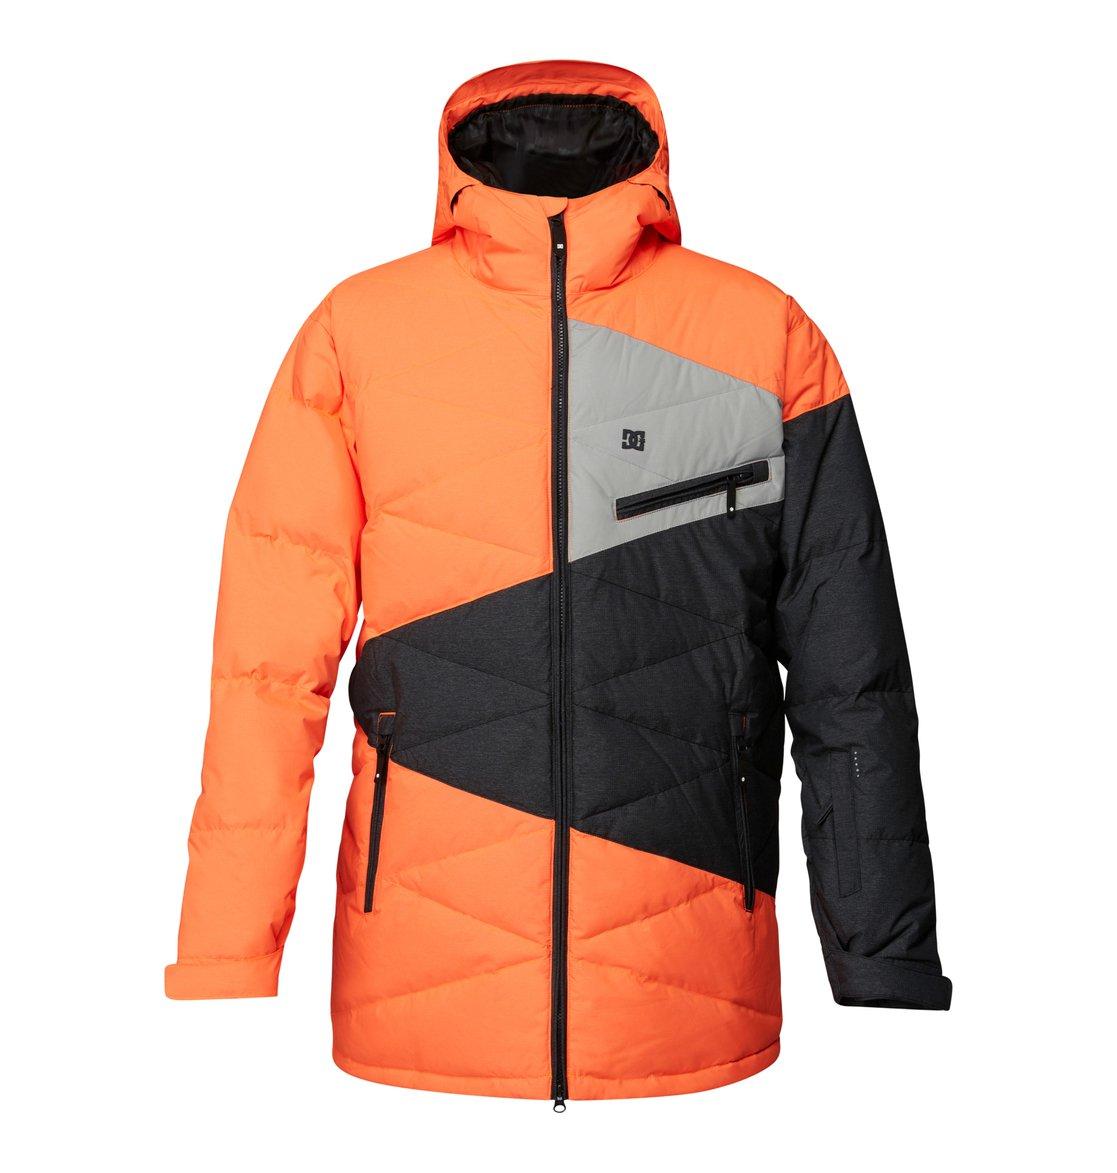 Куртки И Штаны Для Сноуборда